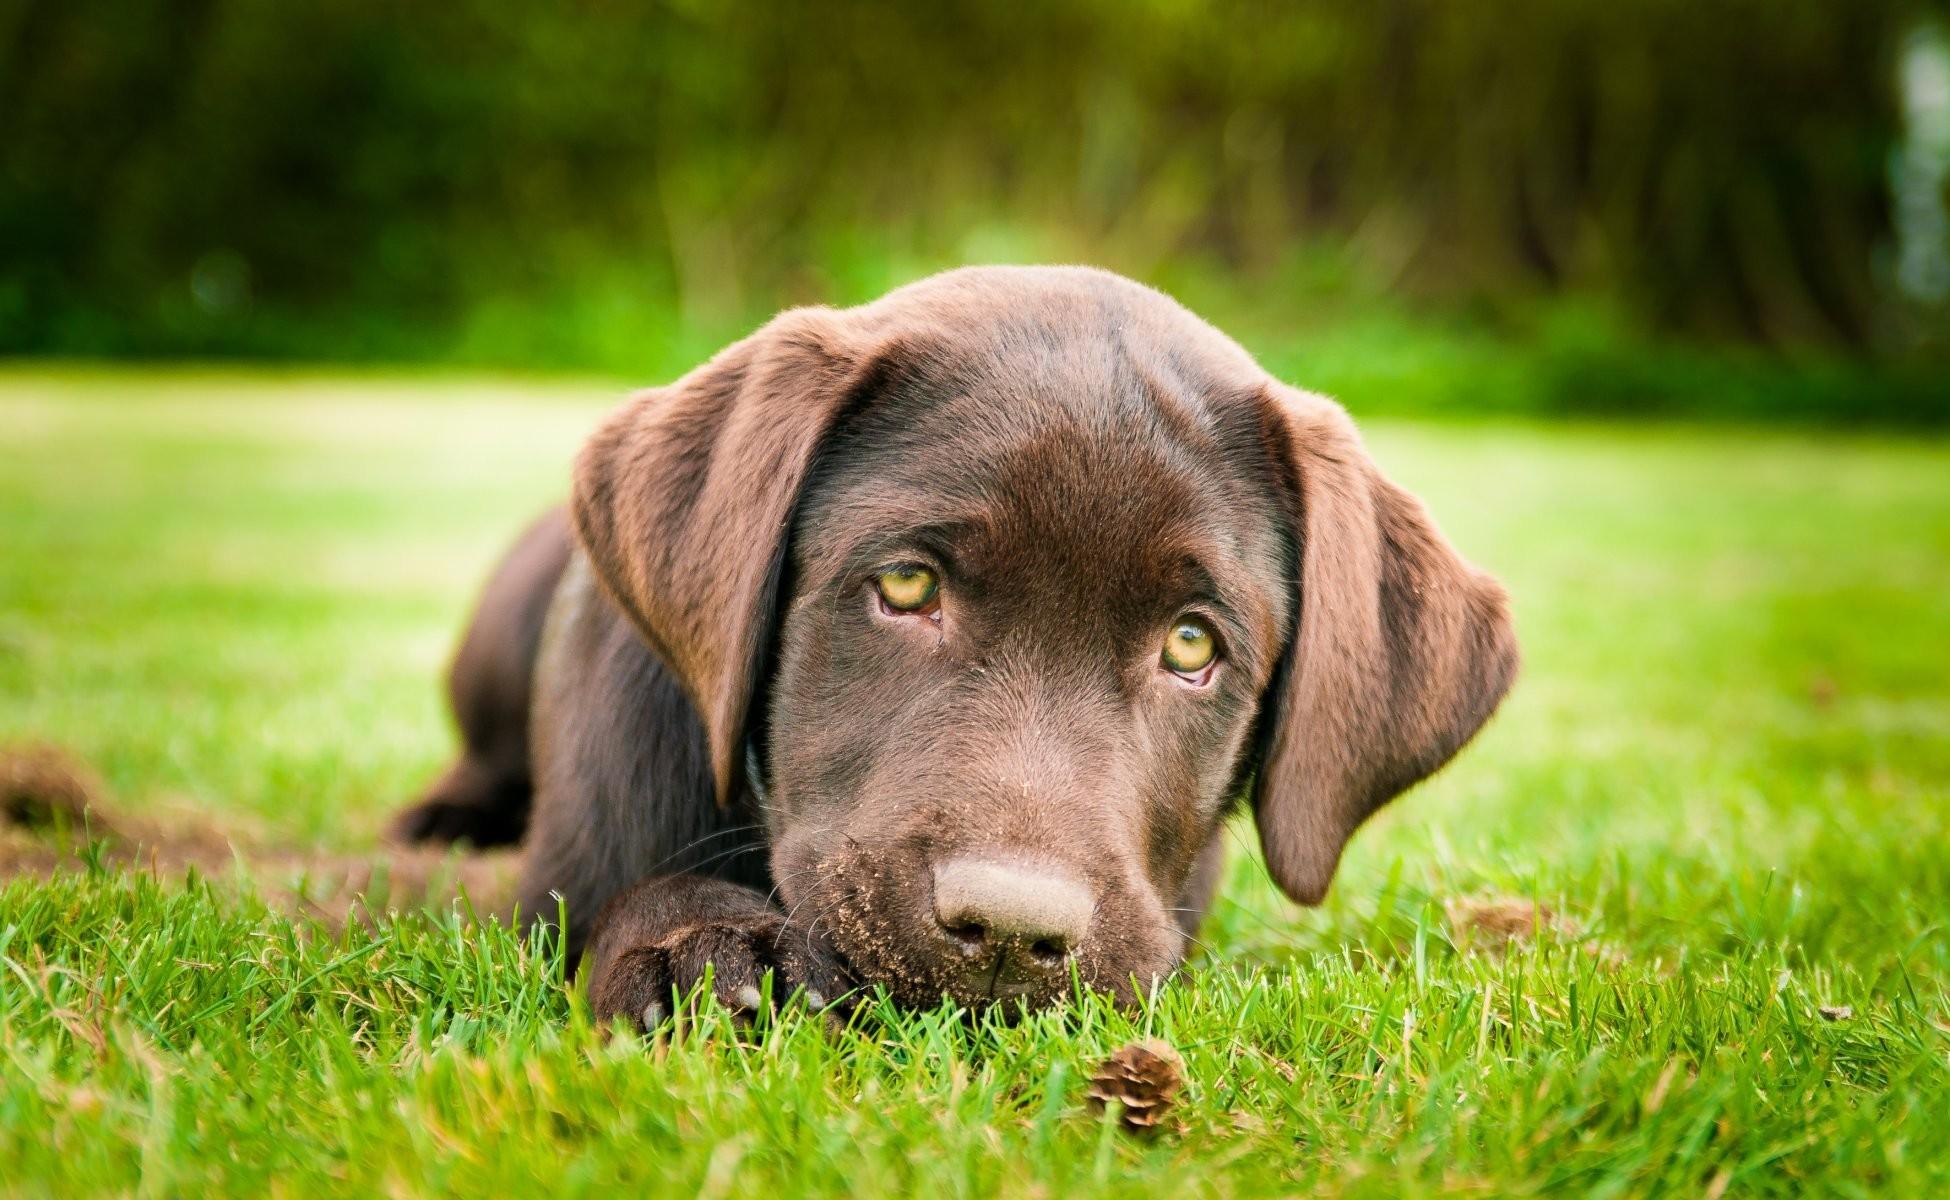 dog puppy labrador retriever brown grass foot